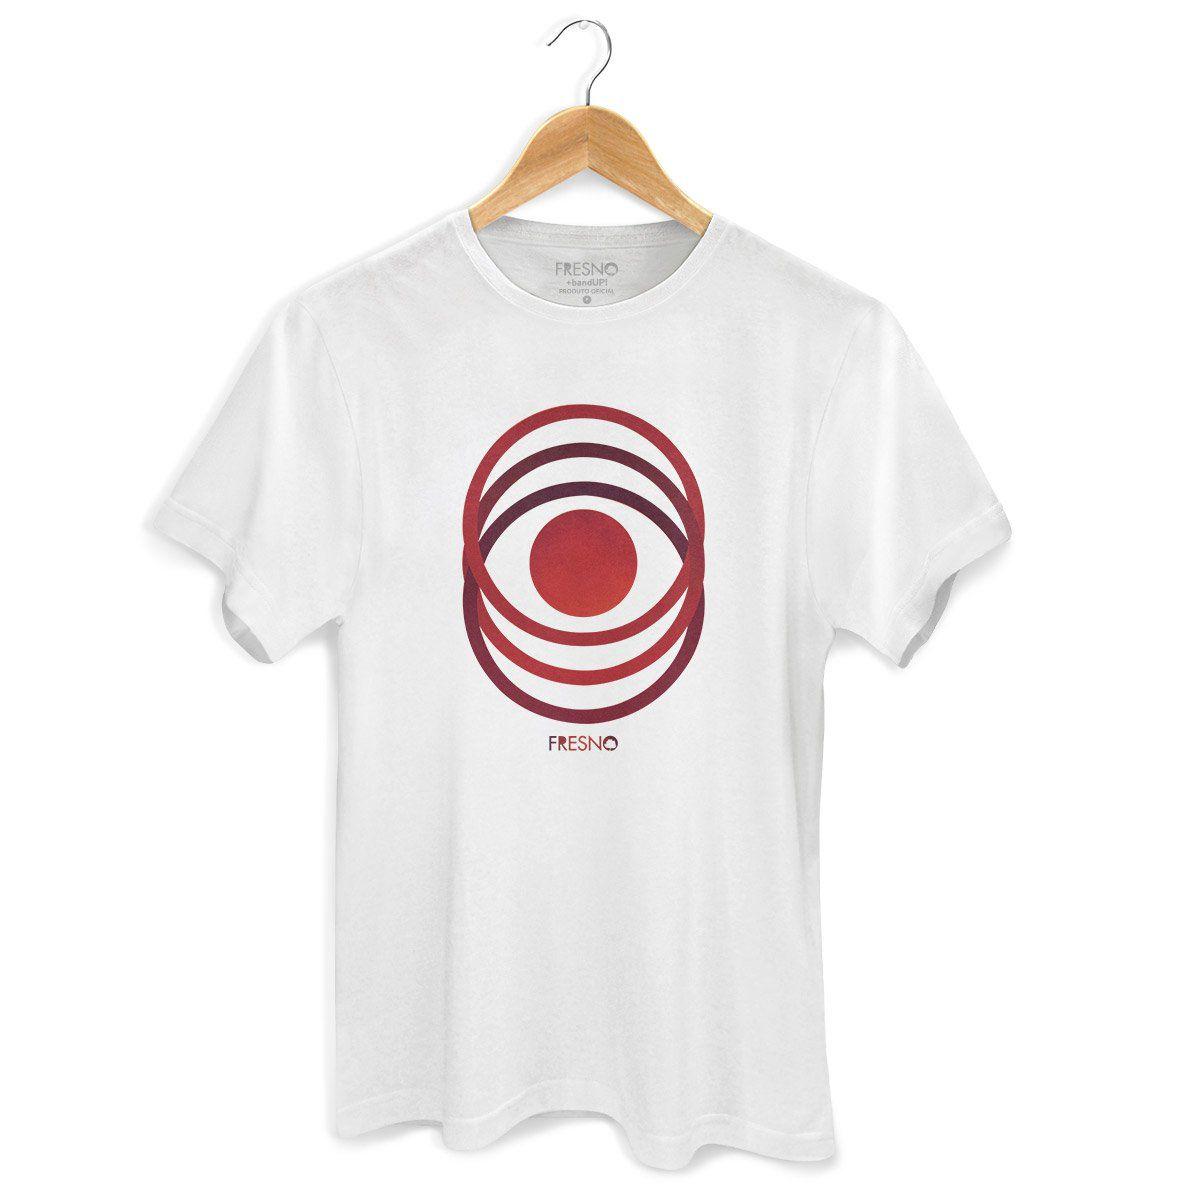 Camiseta Masculina Fresno Olho